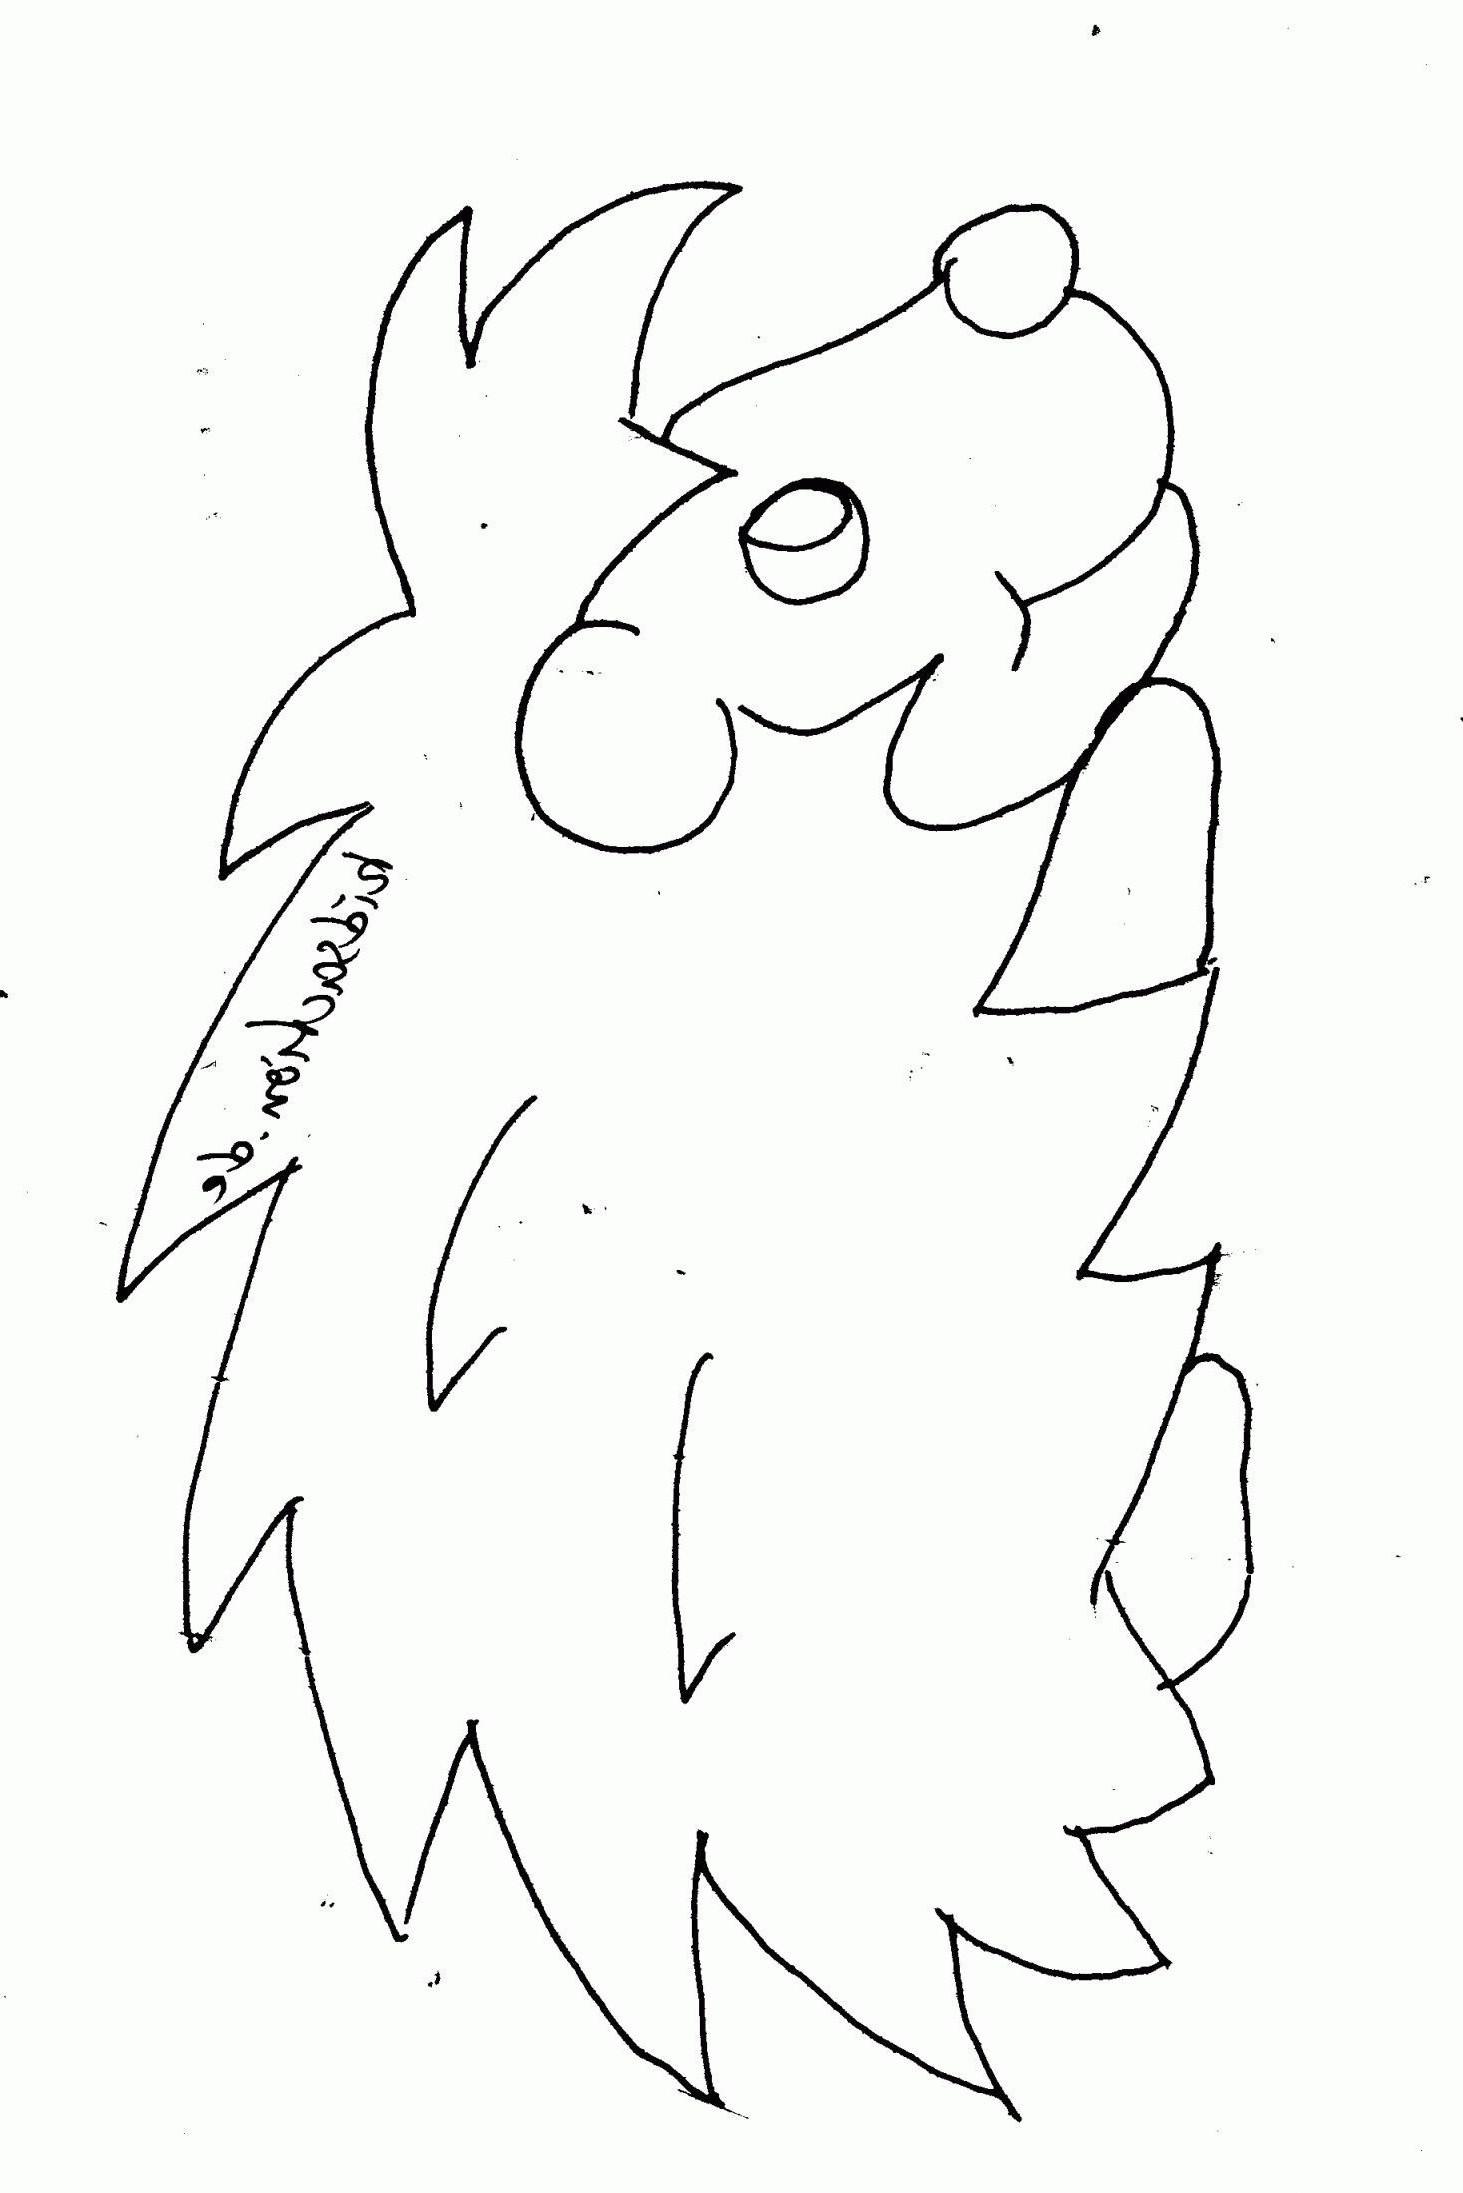 My Little Pony Ausmalbilder Kostenlos Genial 20 Einzigartig Bibi Und Tina Ausmalbilder Kostenlos – Malvorlagen Ideen Bild